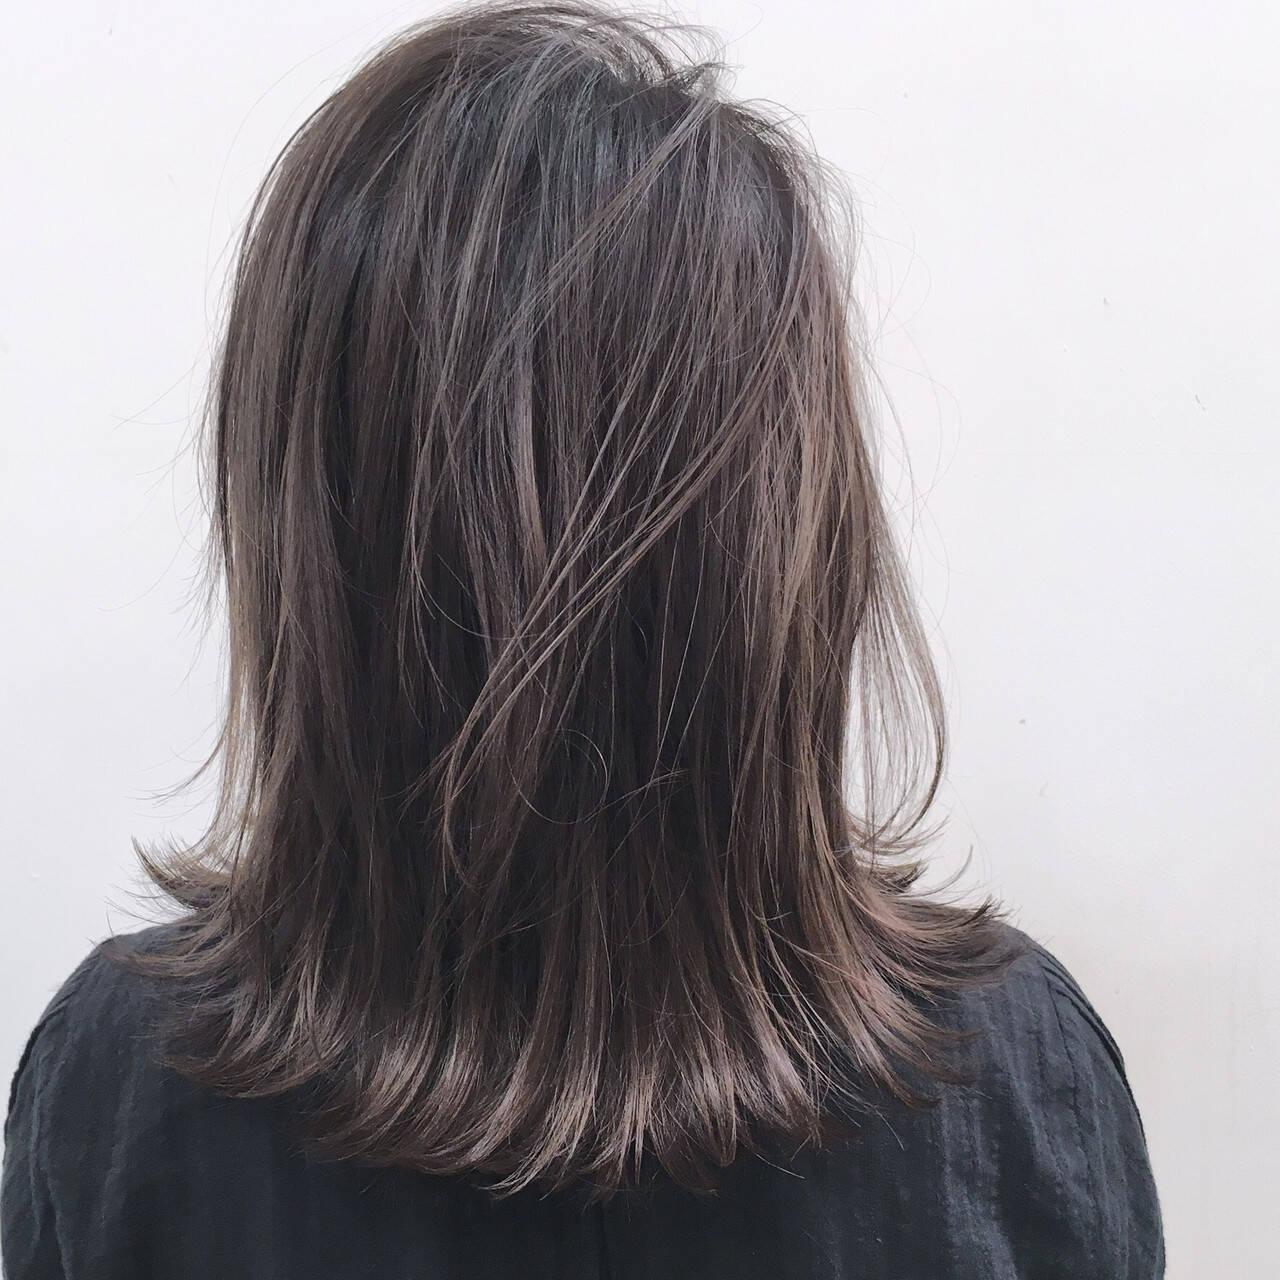 ナチュラル ハイライト アッシュグレージュ ミディアムヘアスタイルや髪型の写真・画像